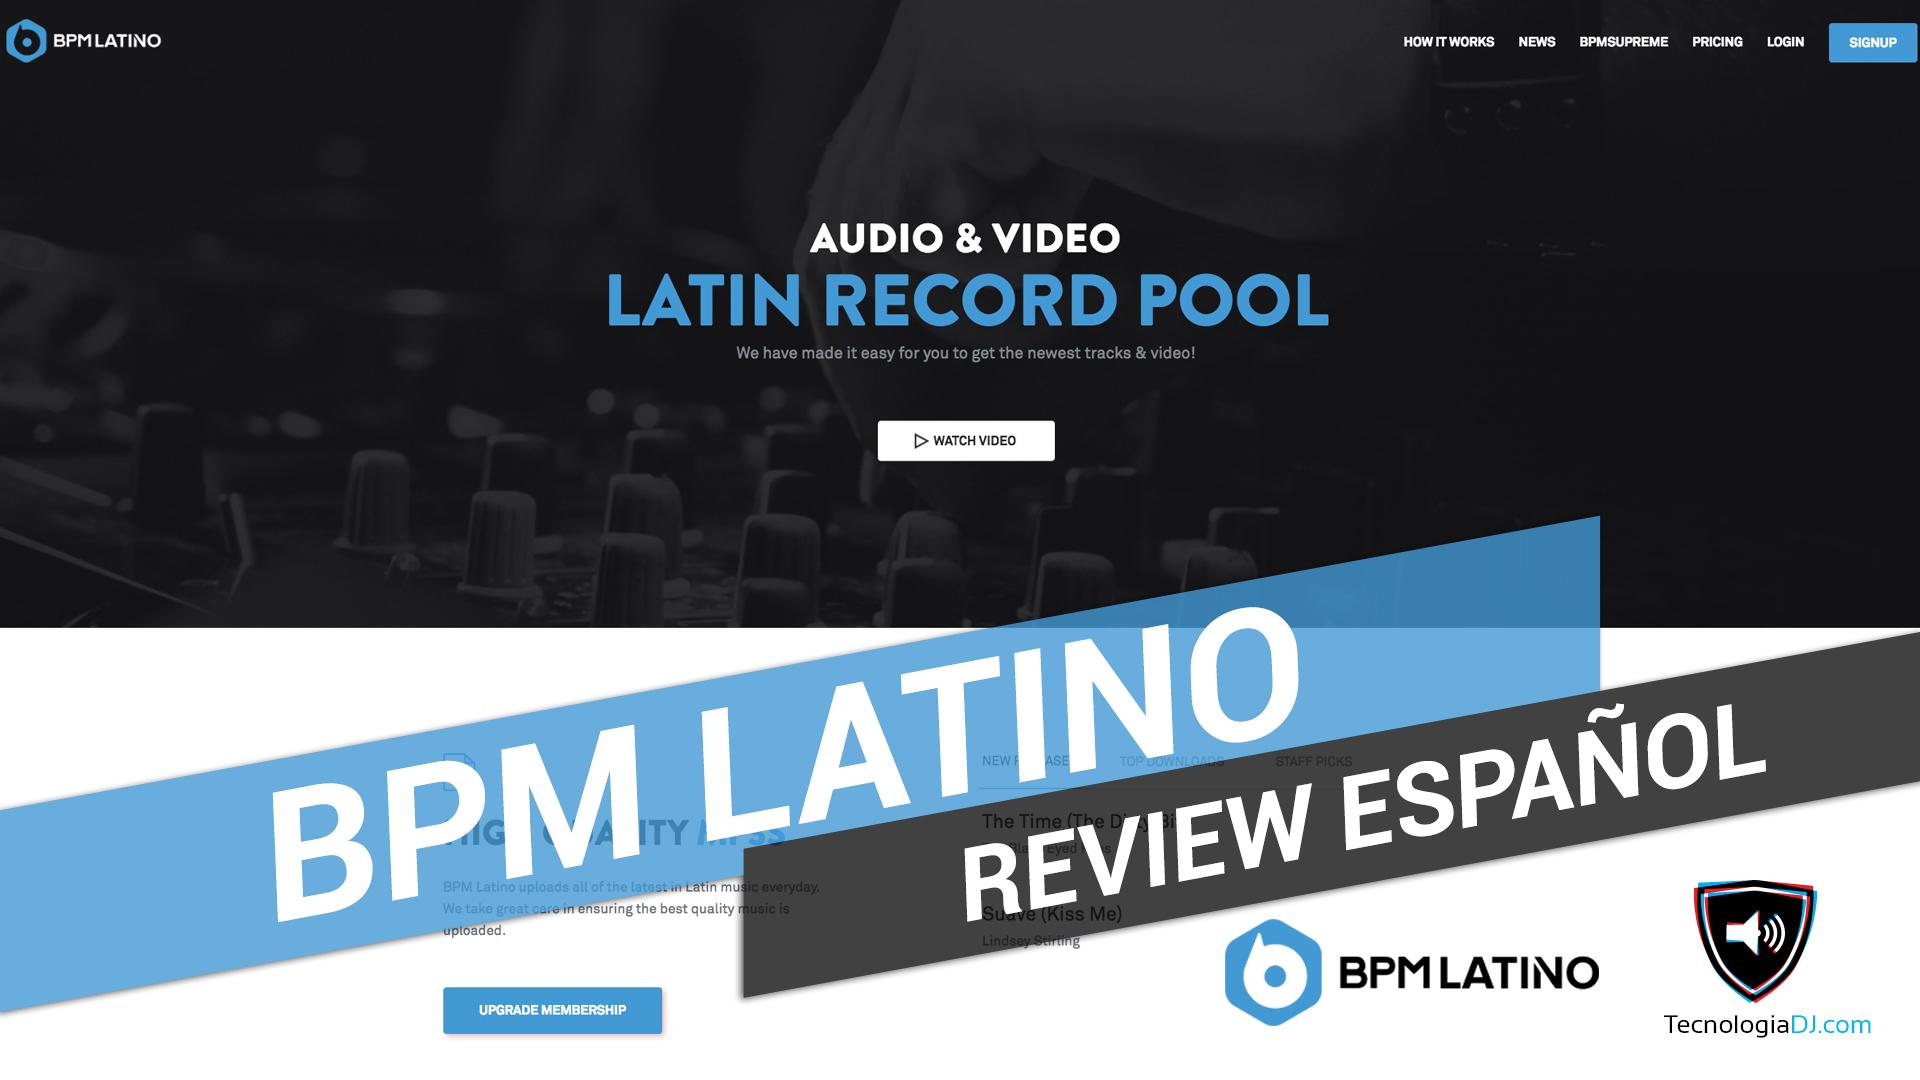 Review en español record pool BPM Latino